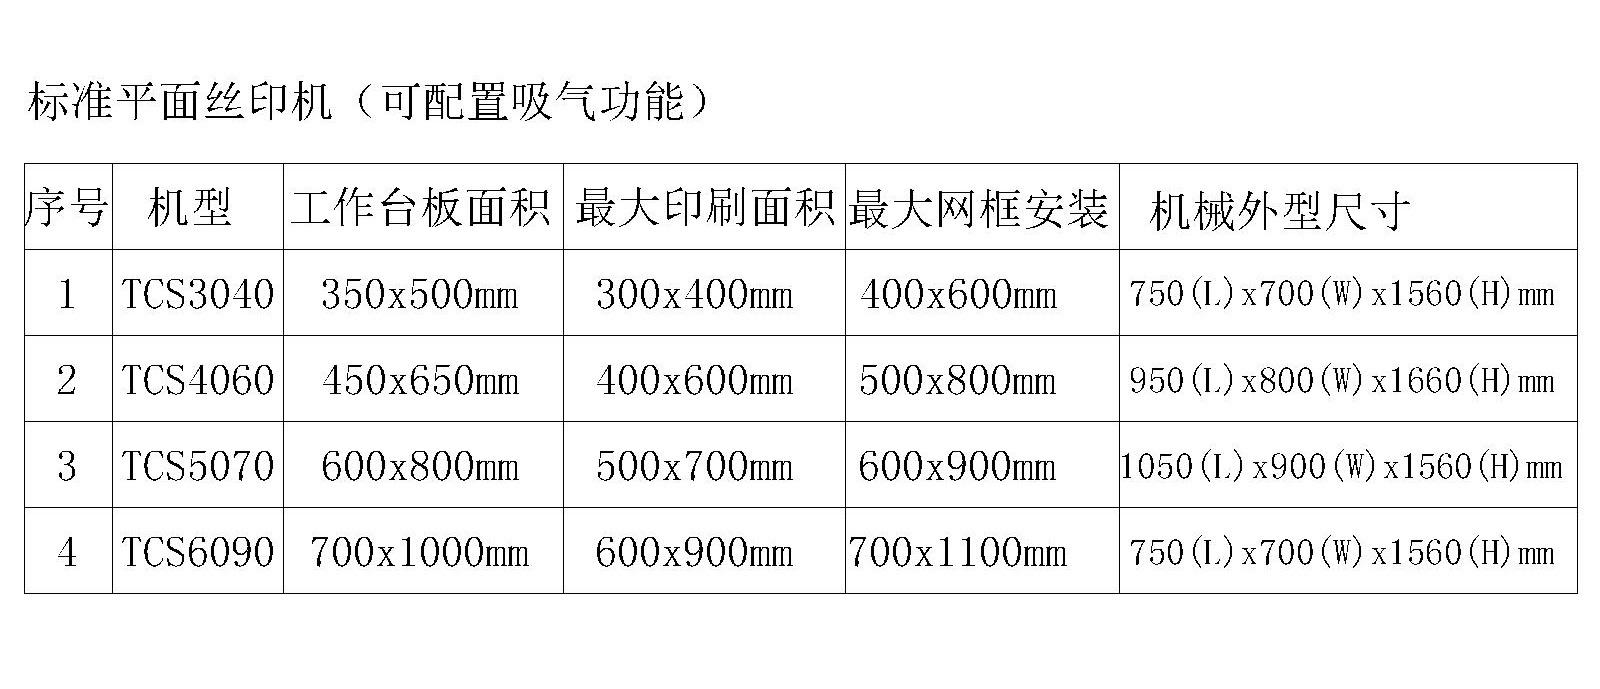 標準平面絲印機參數.jpg